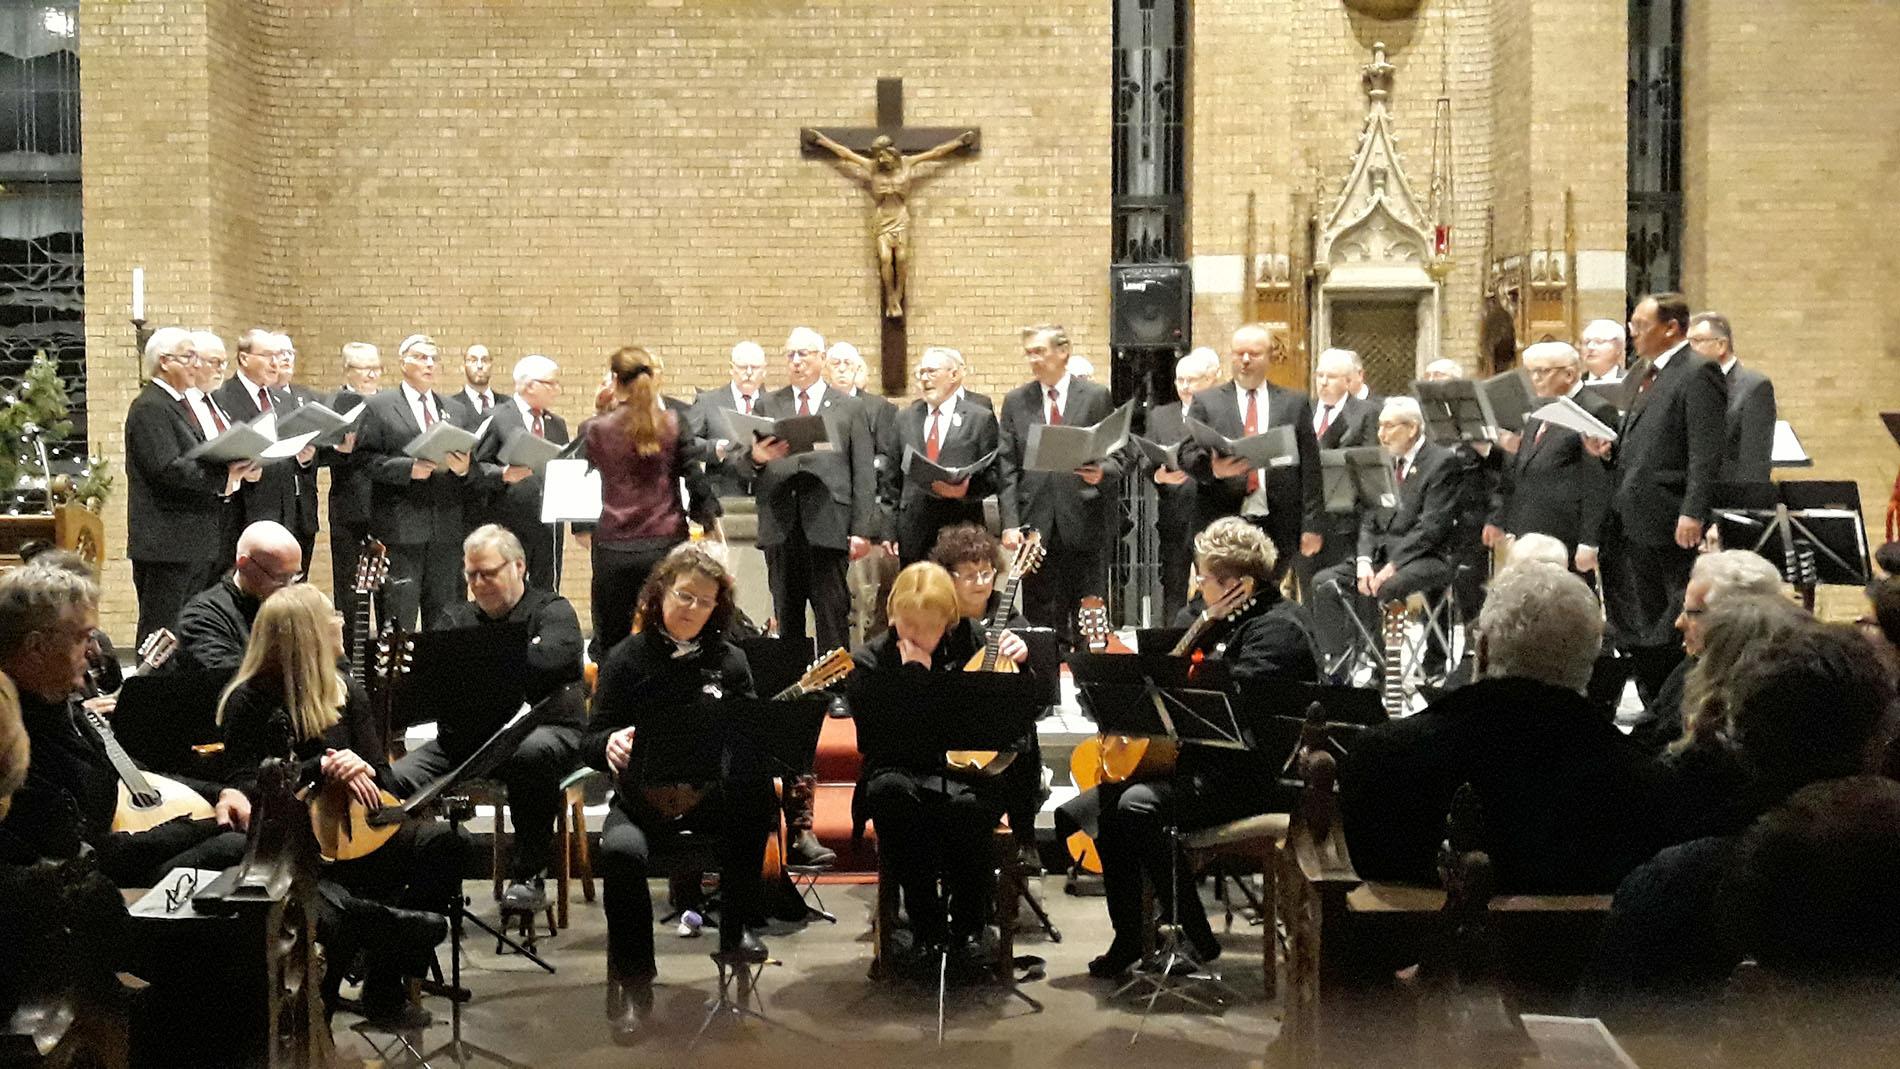 """Für einen guten Zweck beteiligte sich der MGV Quartettverein Königshoven mit Chorleiterin Daniela Bosenius auch in diesem Jahr wieder beim traditionellen """"Advents- & Weihnachtskonzert"""" am vierten Adventssonntag in der Königshovener Pfarrkirche St. Peter. (Foto: van Peij)"""